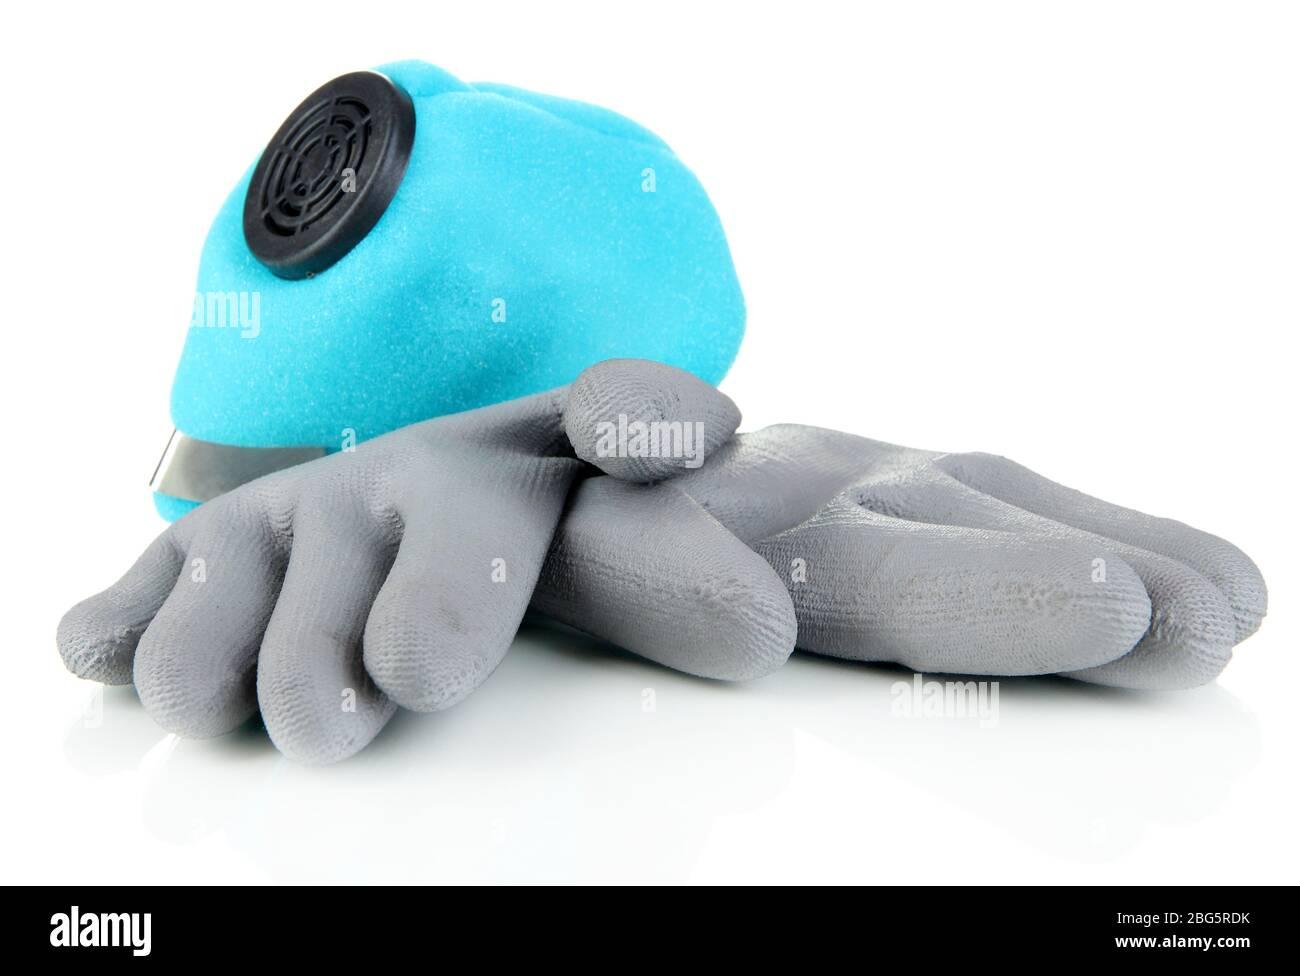 Respirador y guantes protectores aislados sobre blanco Foto de stock